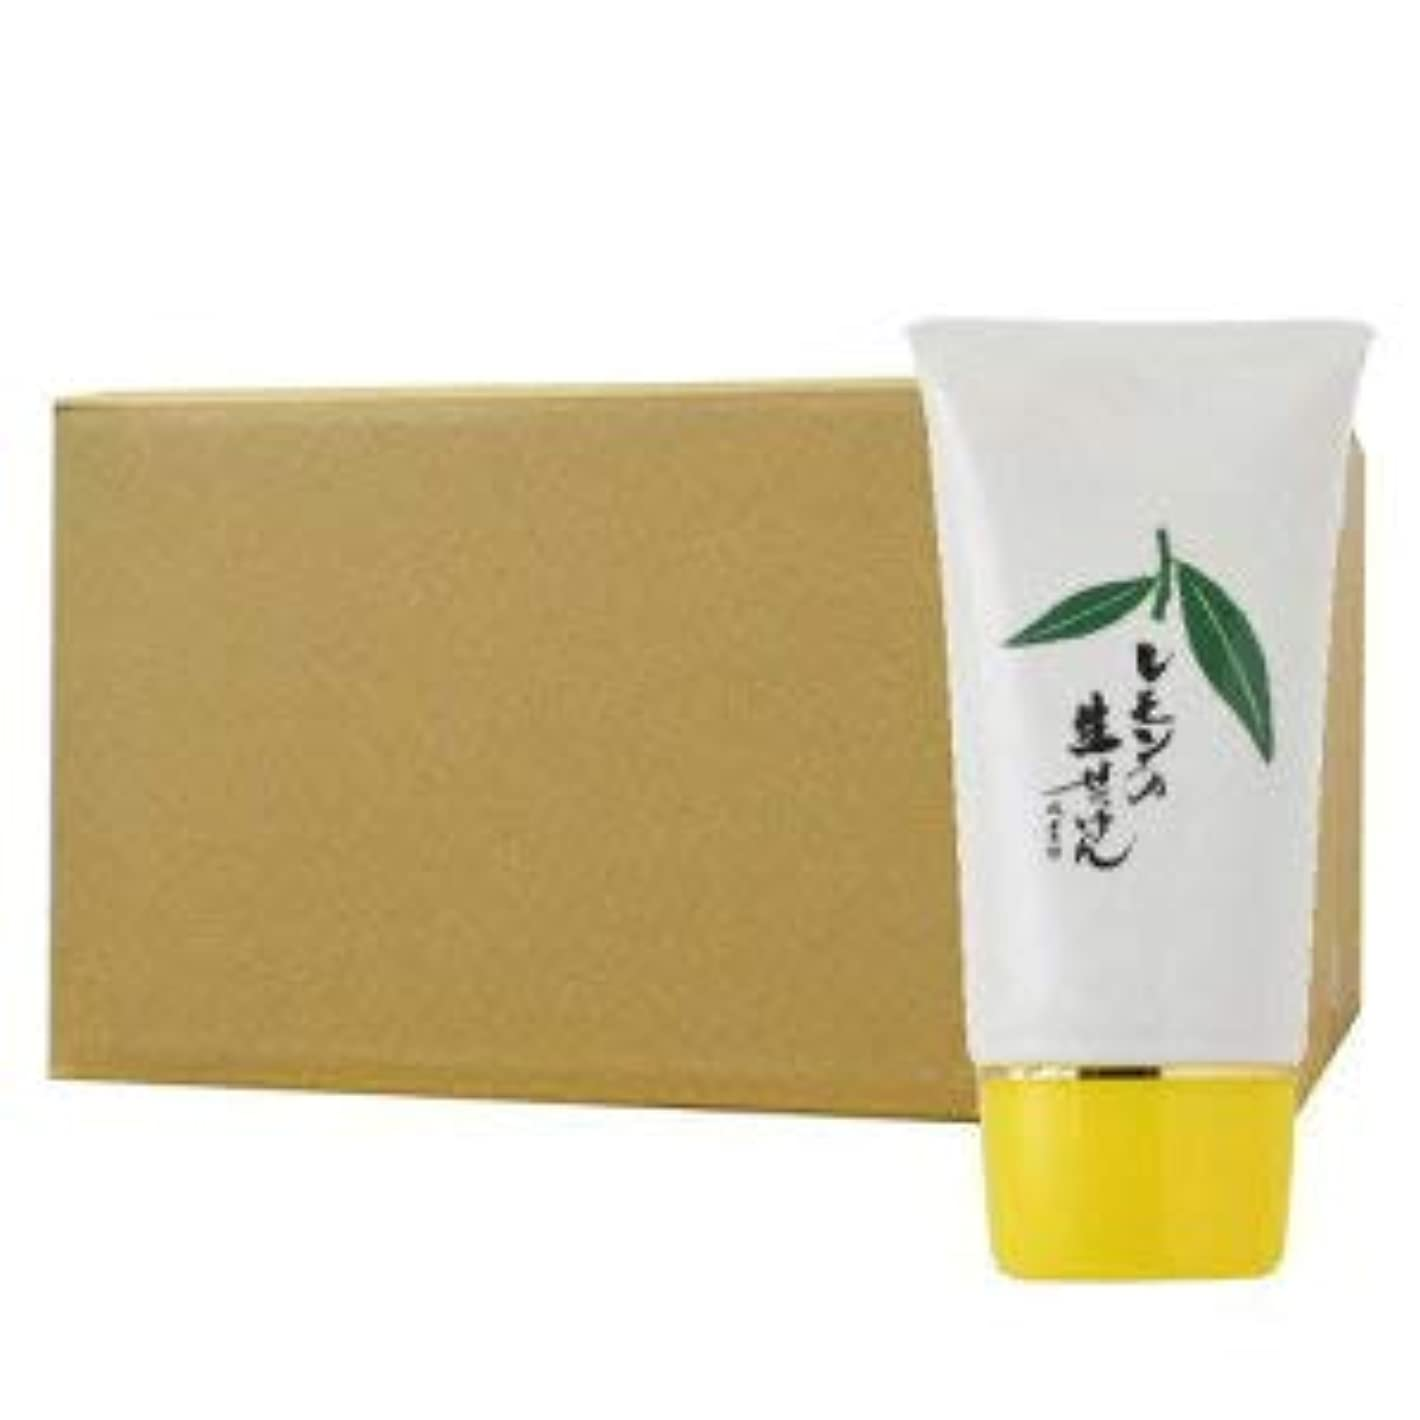 謎めいた八余裕があるUYEKI美香柑レモンの生せっけん70g×60個セット